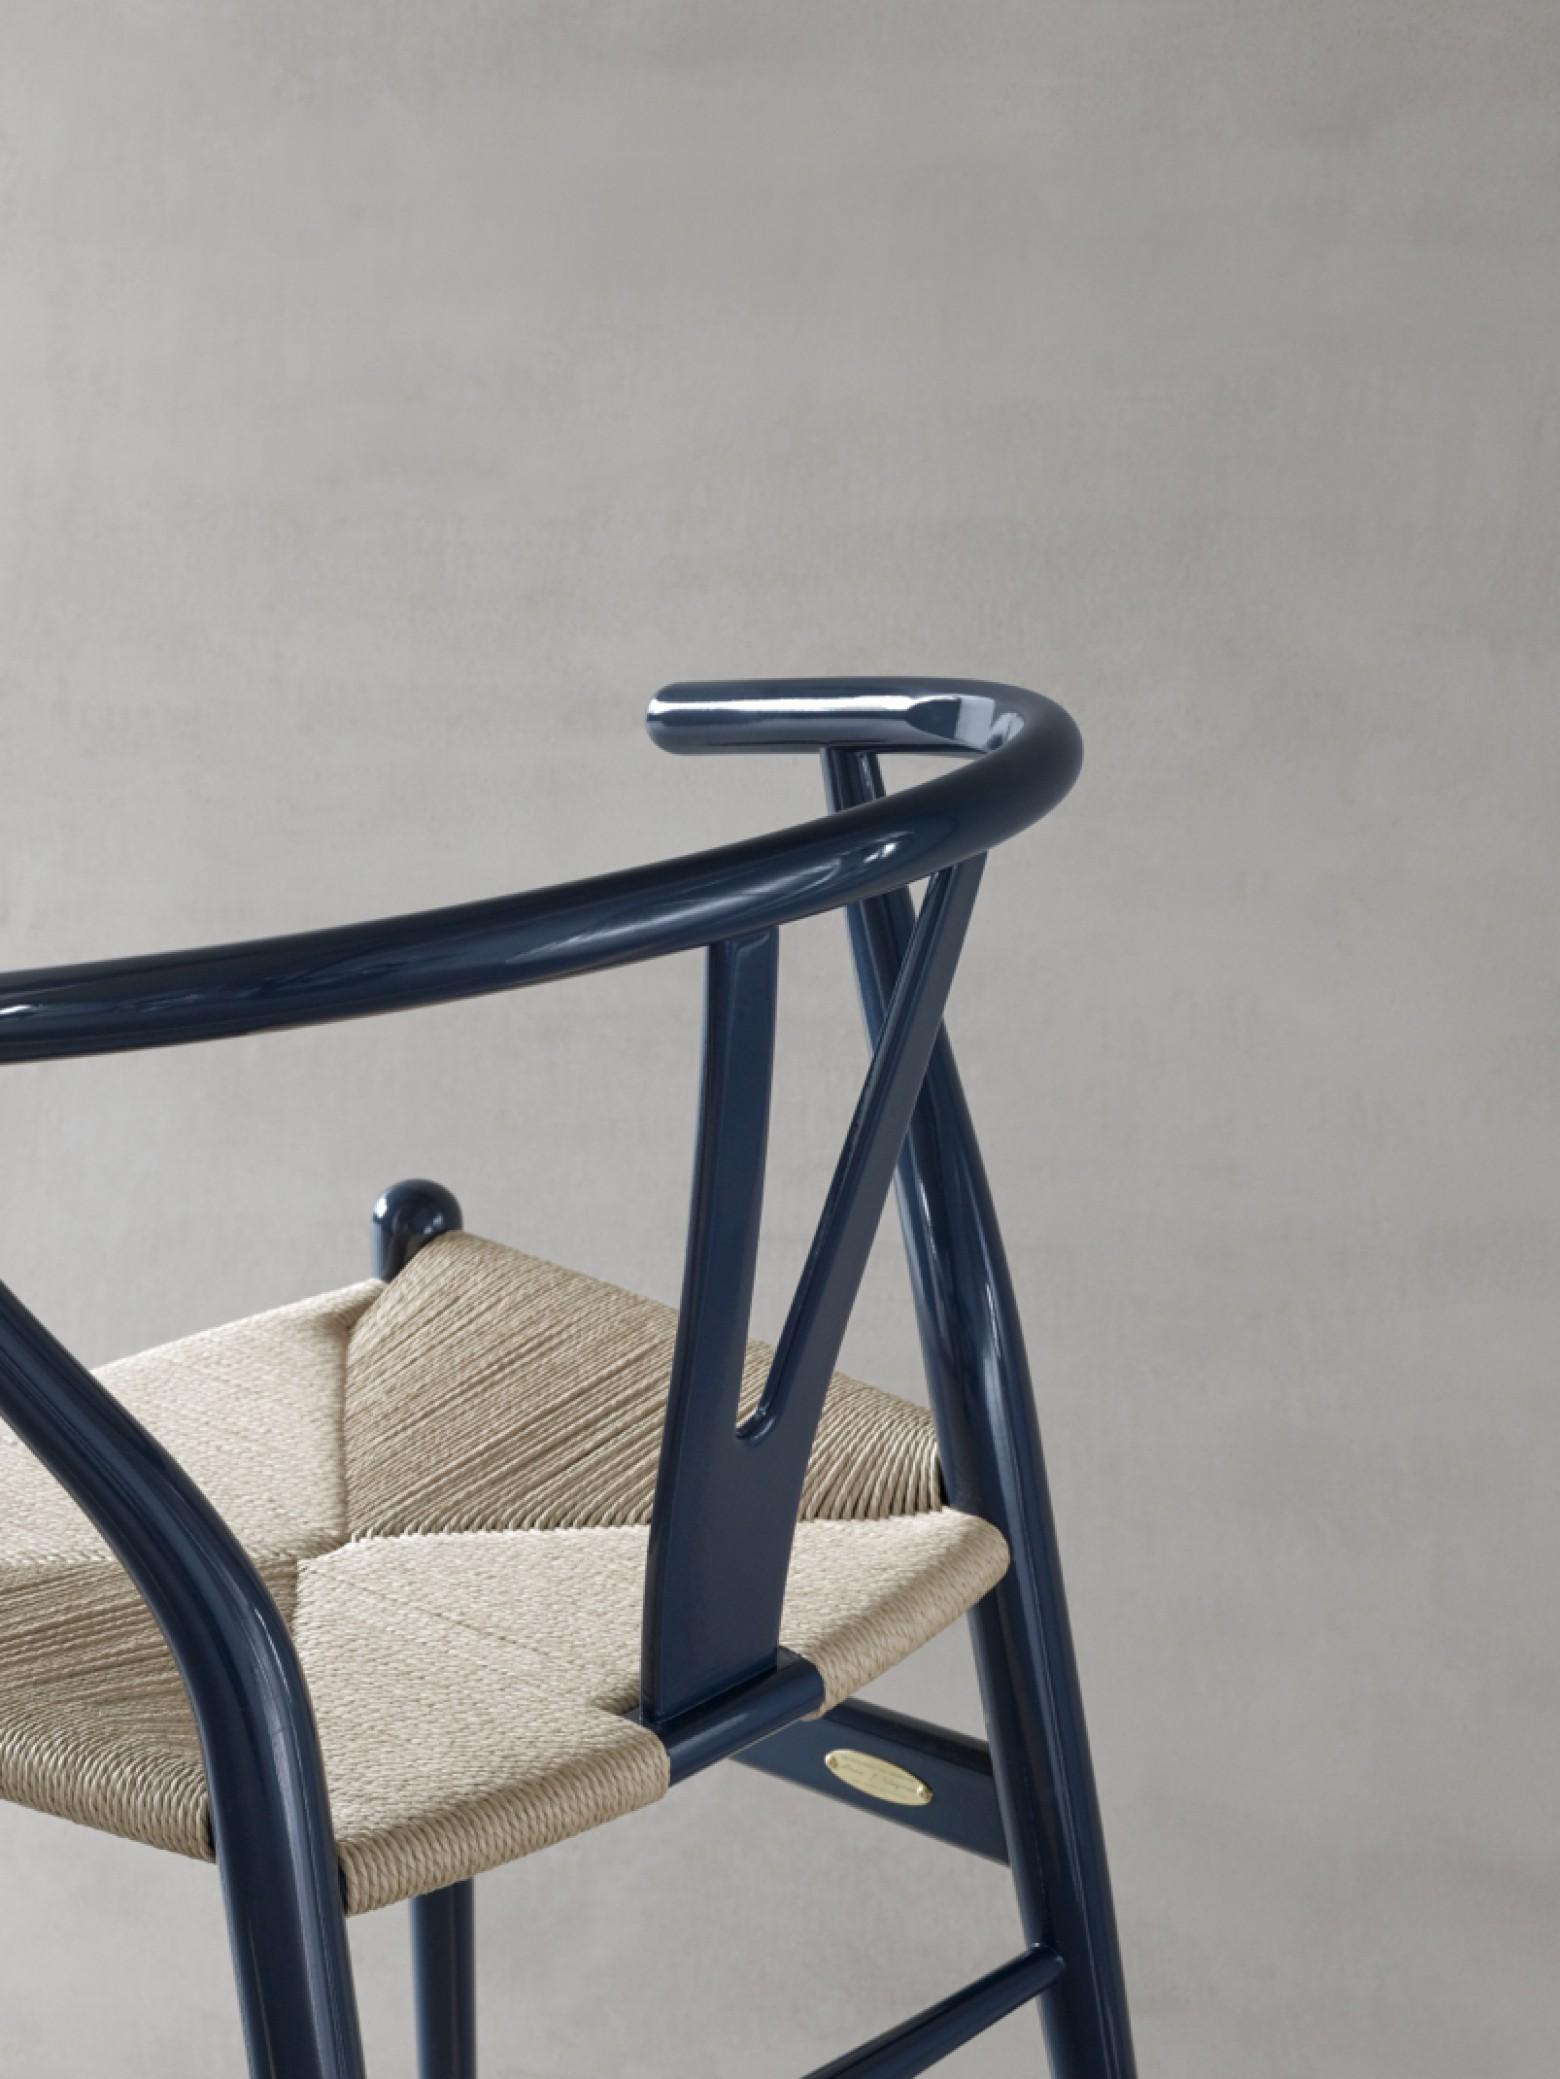 Le bleu maritime, couleur choisi par Ilse Crawford Victors Design Agency